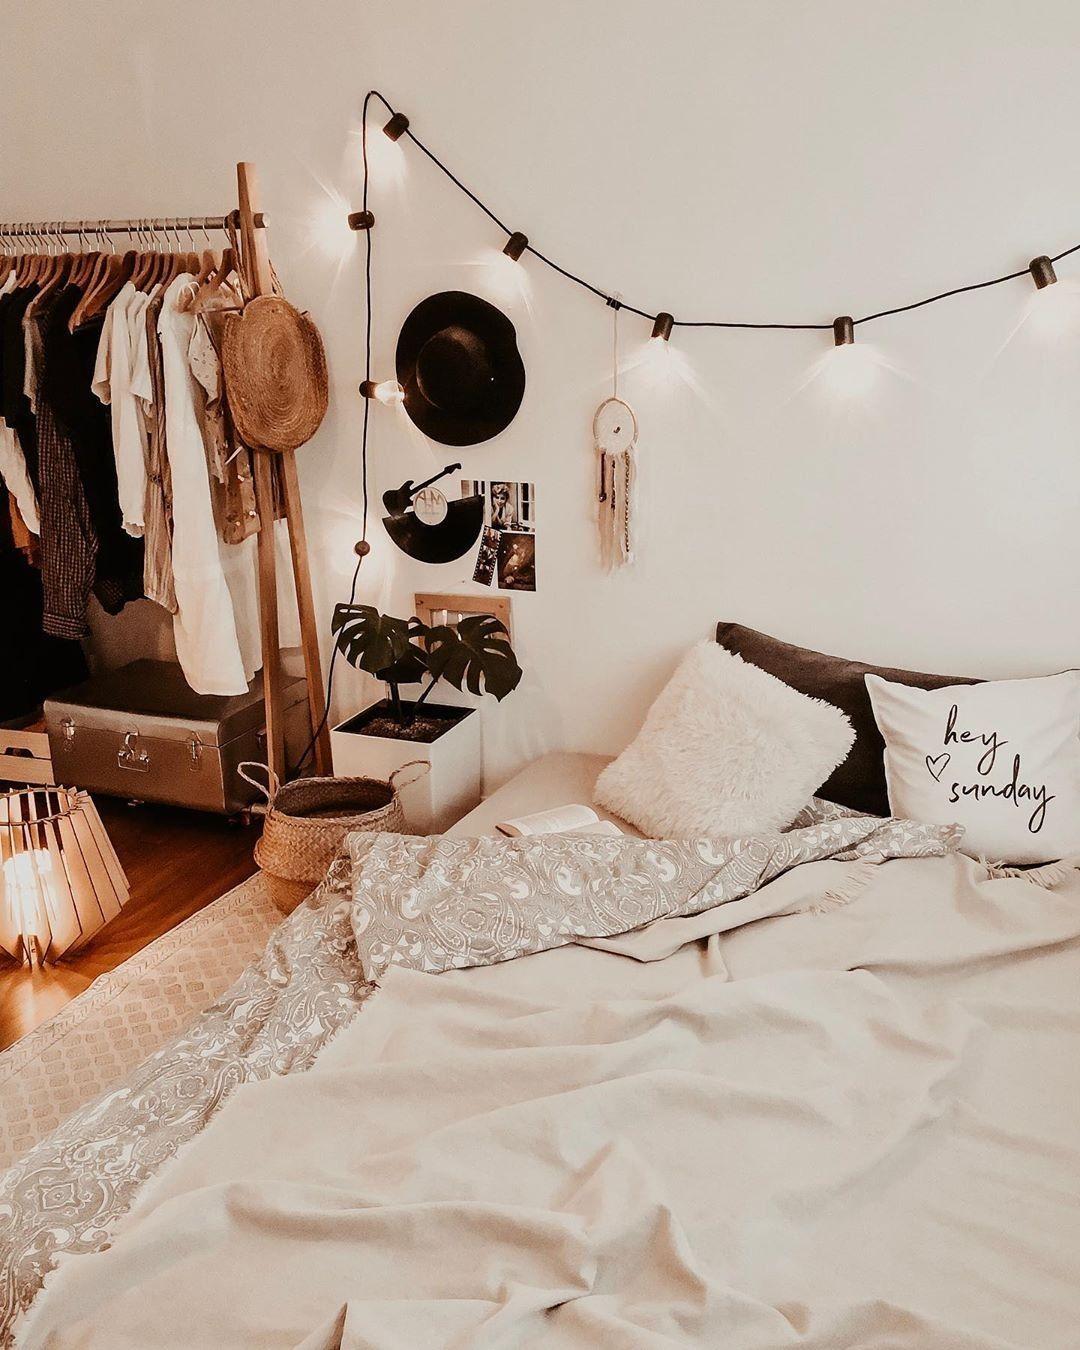 Bohemain Lifestyle Ideas for Bedroom Decors  Déco maison